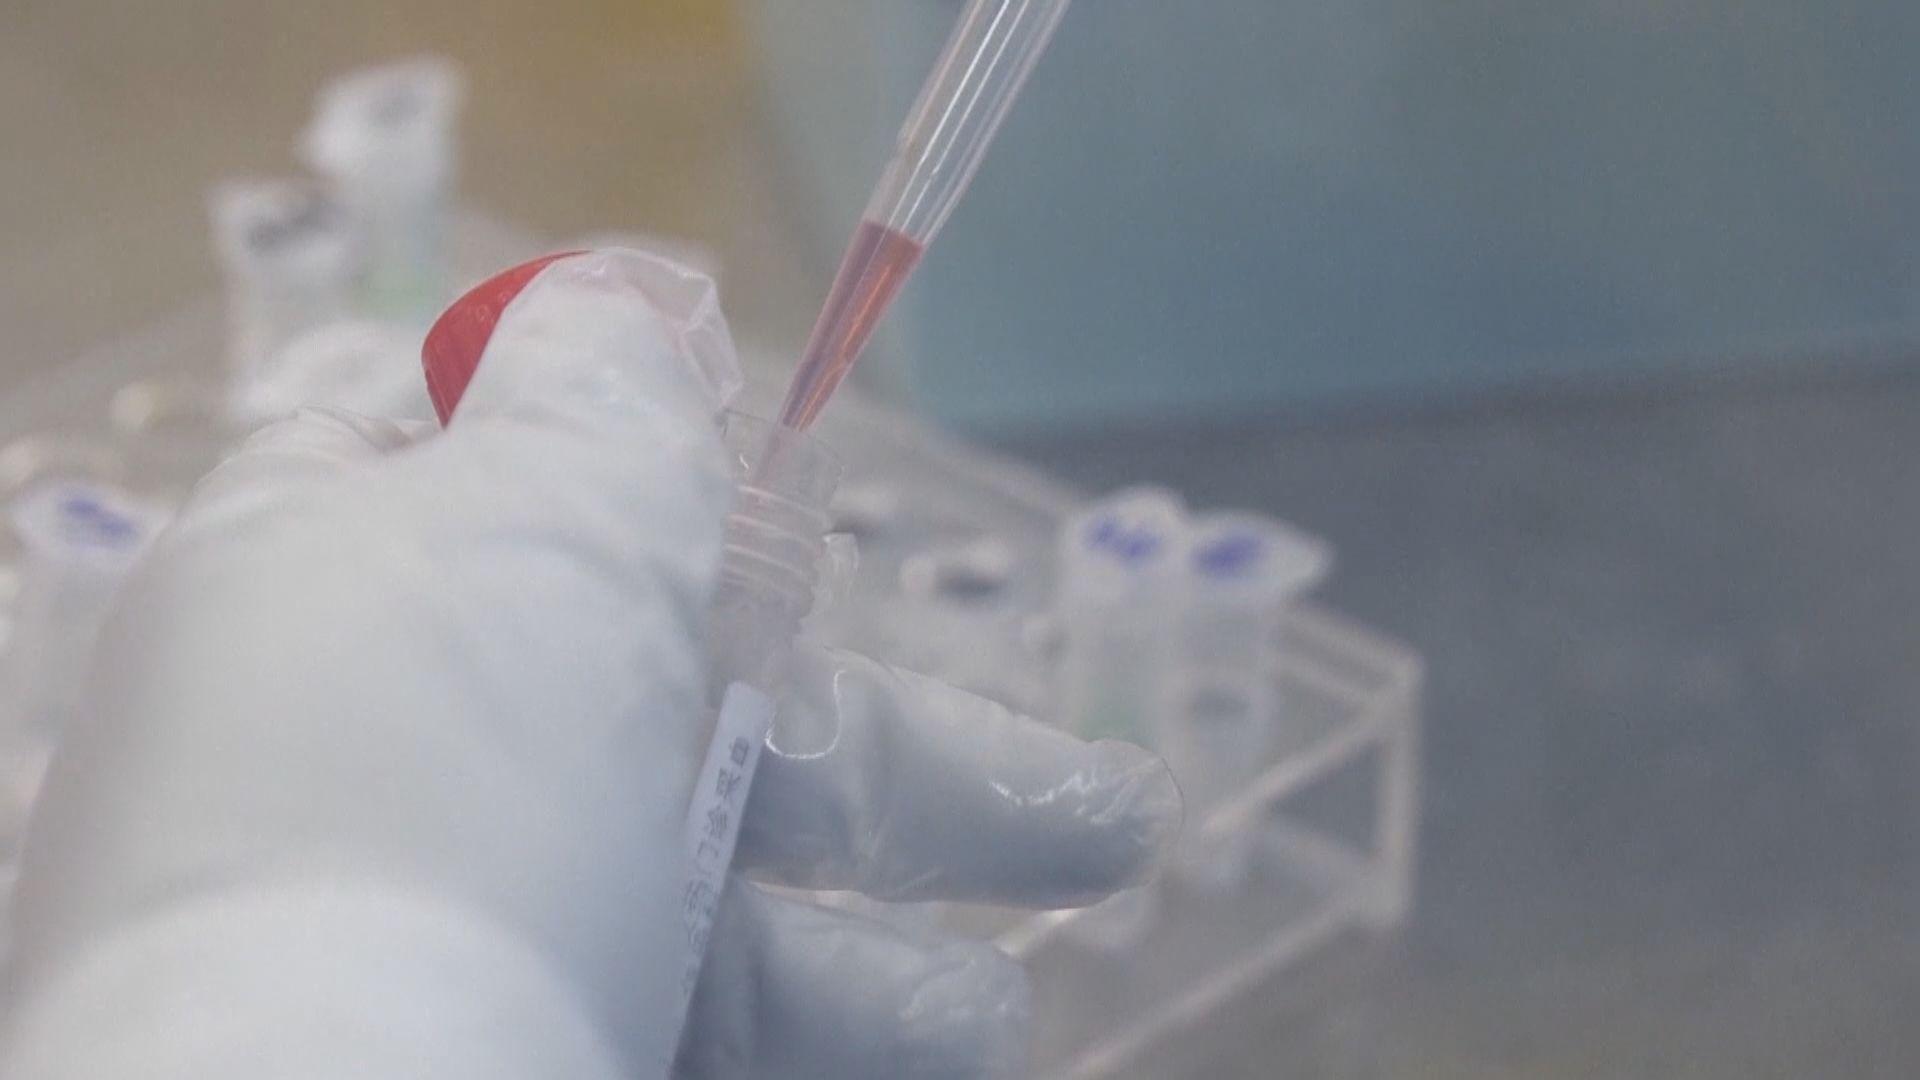 武漢經營醫院港商帶五萬試劑來港 稱獲批與本地化驗所合作做測試